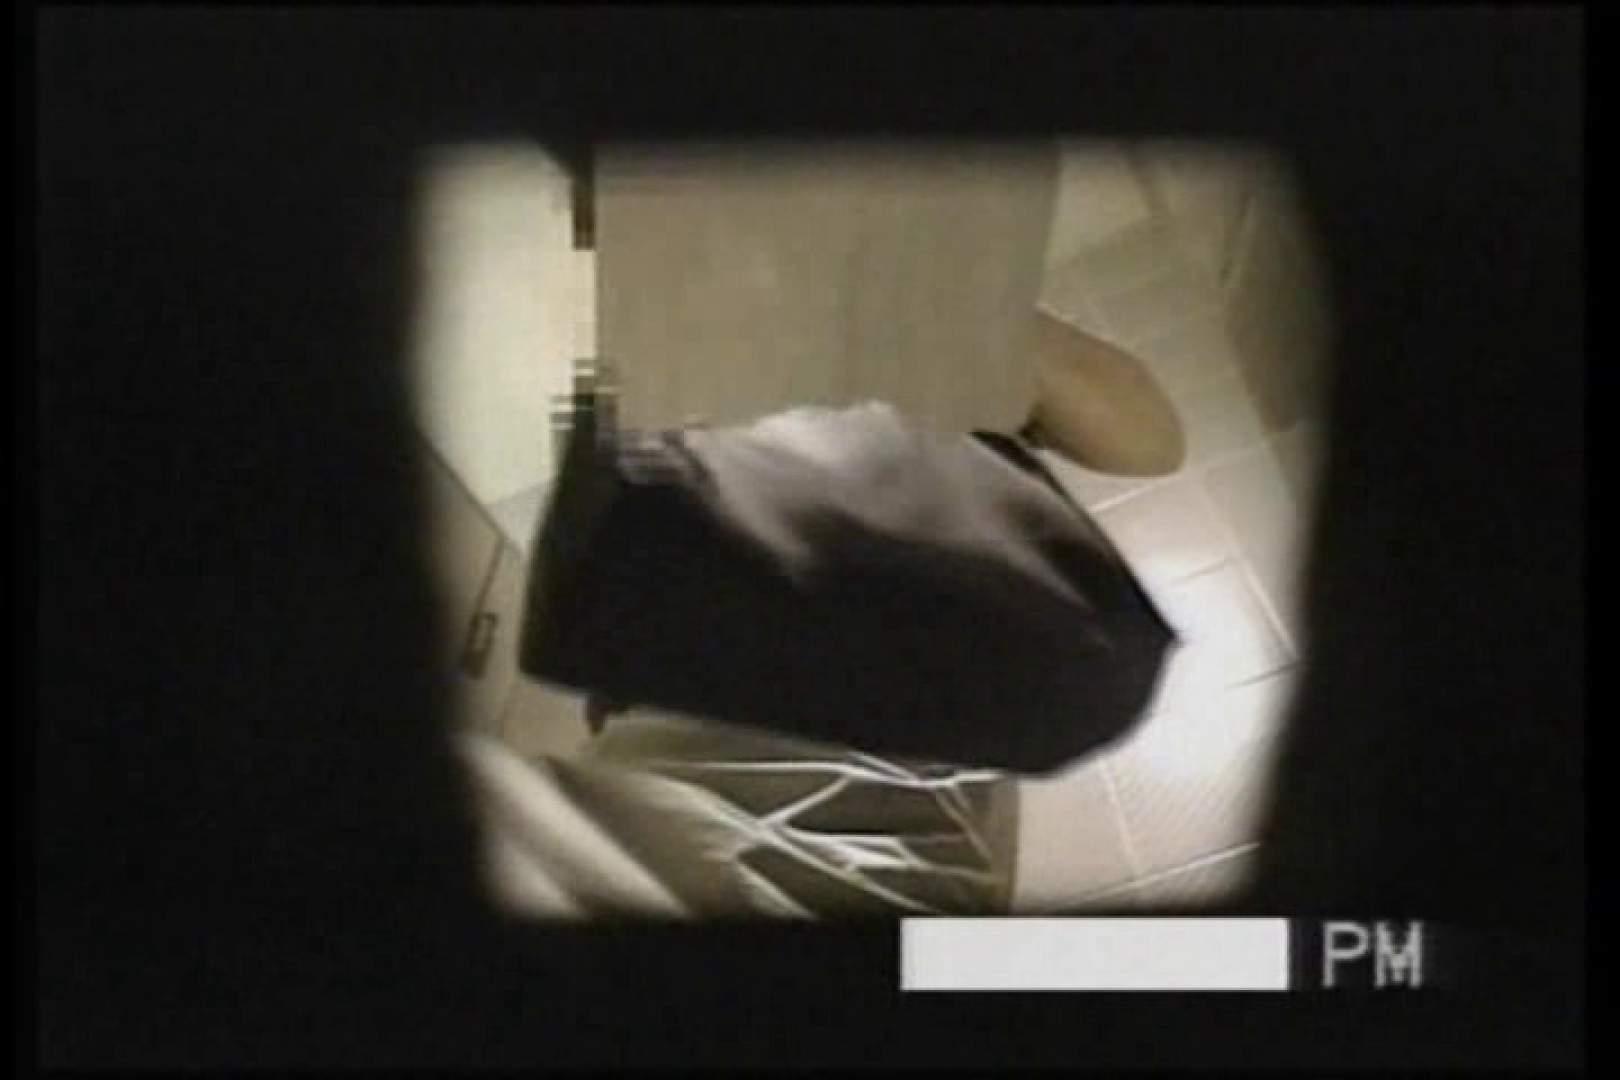 全身としゃがみを1カメでGO!前編 盗撮 オメコ動画キャプチャ 73PIX 14